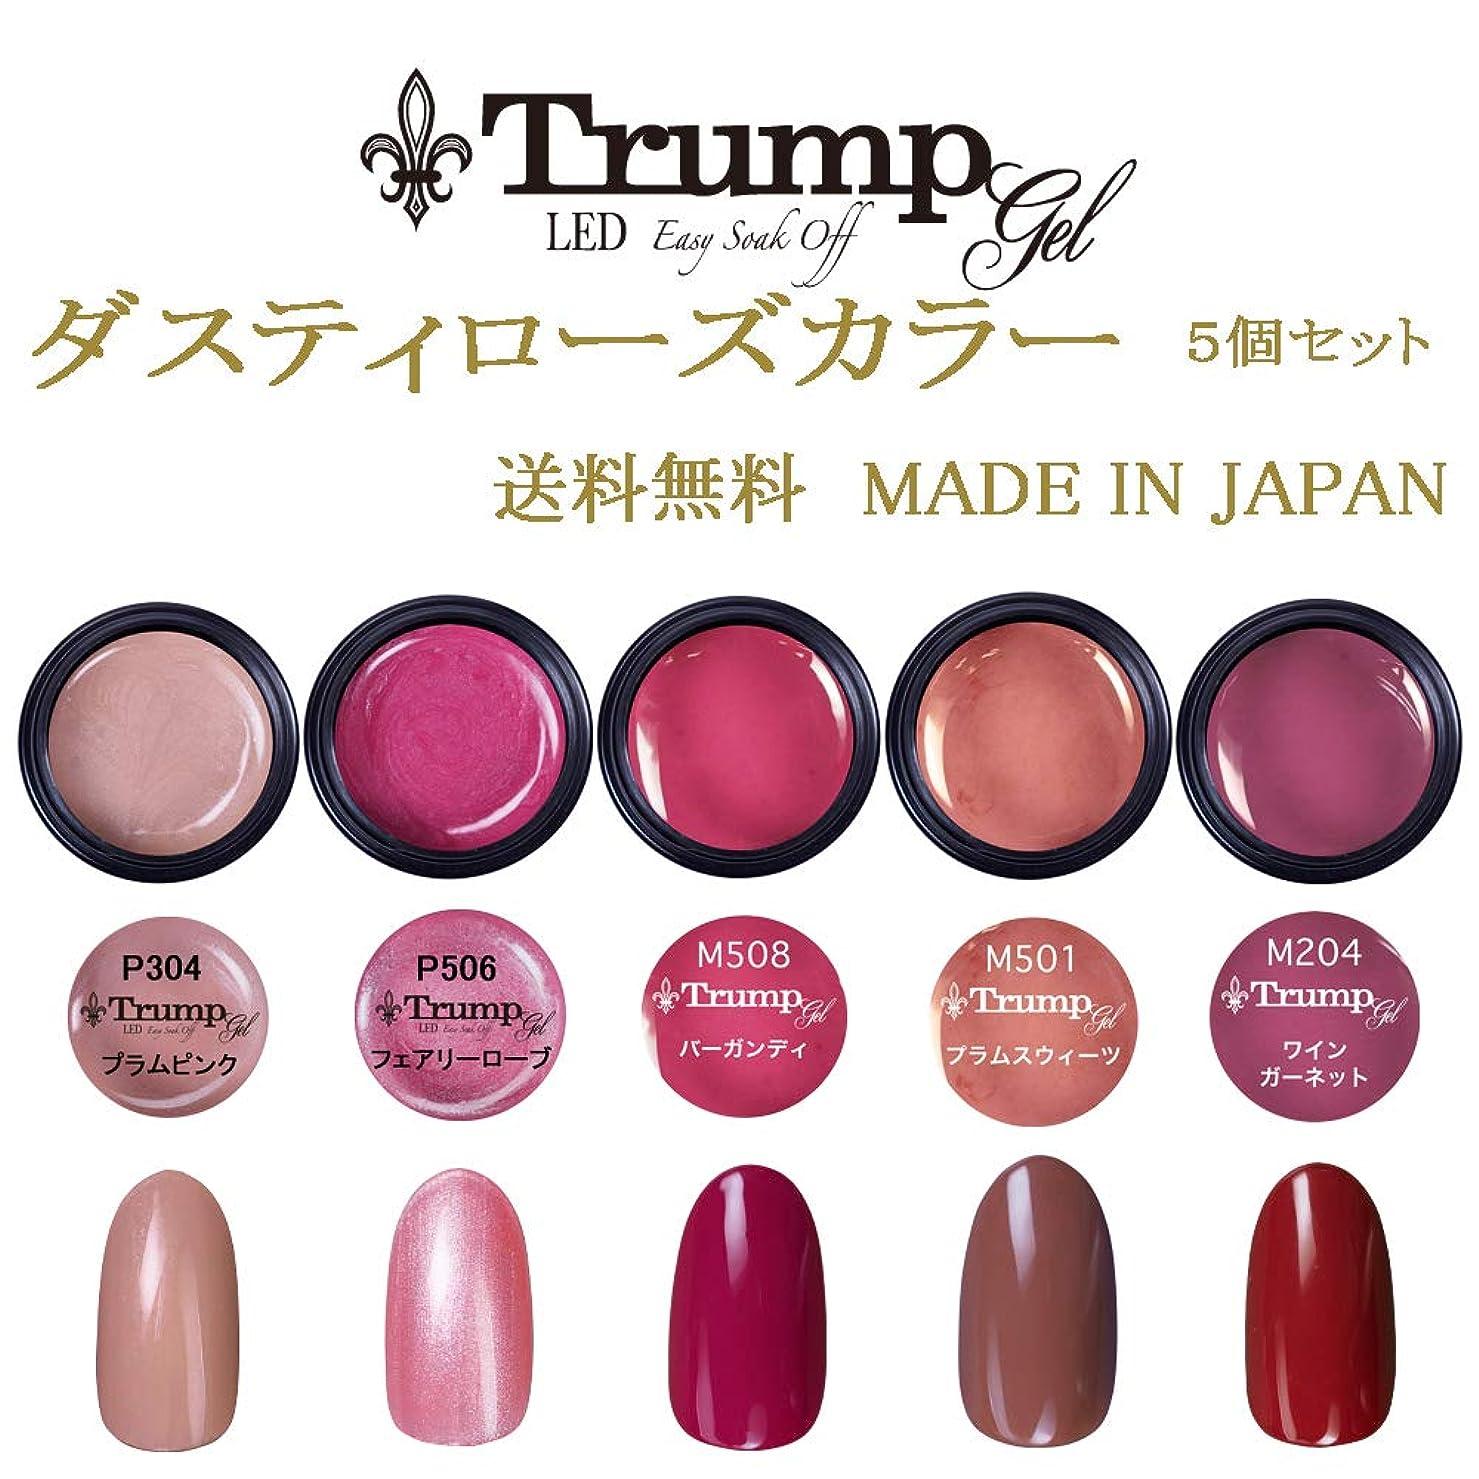 公使館磁気八百屋さん【送料無料】日本製 Trump gel トランプジェル ダスティローズカラージェル 5個セット スタイリッシュでオシャレな 白べっ甲カラージェルセット